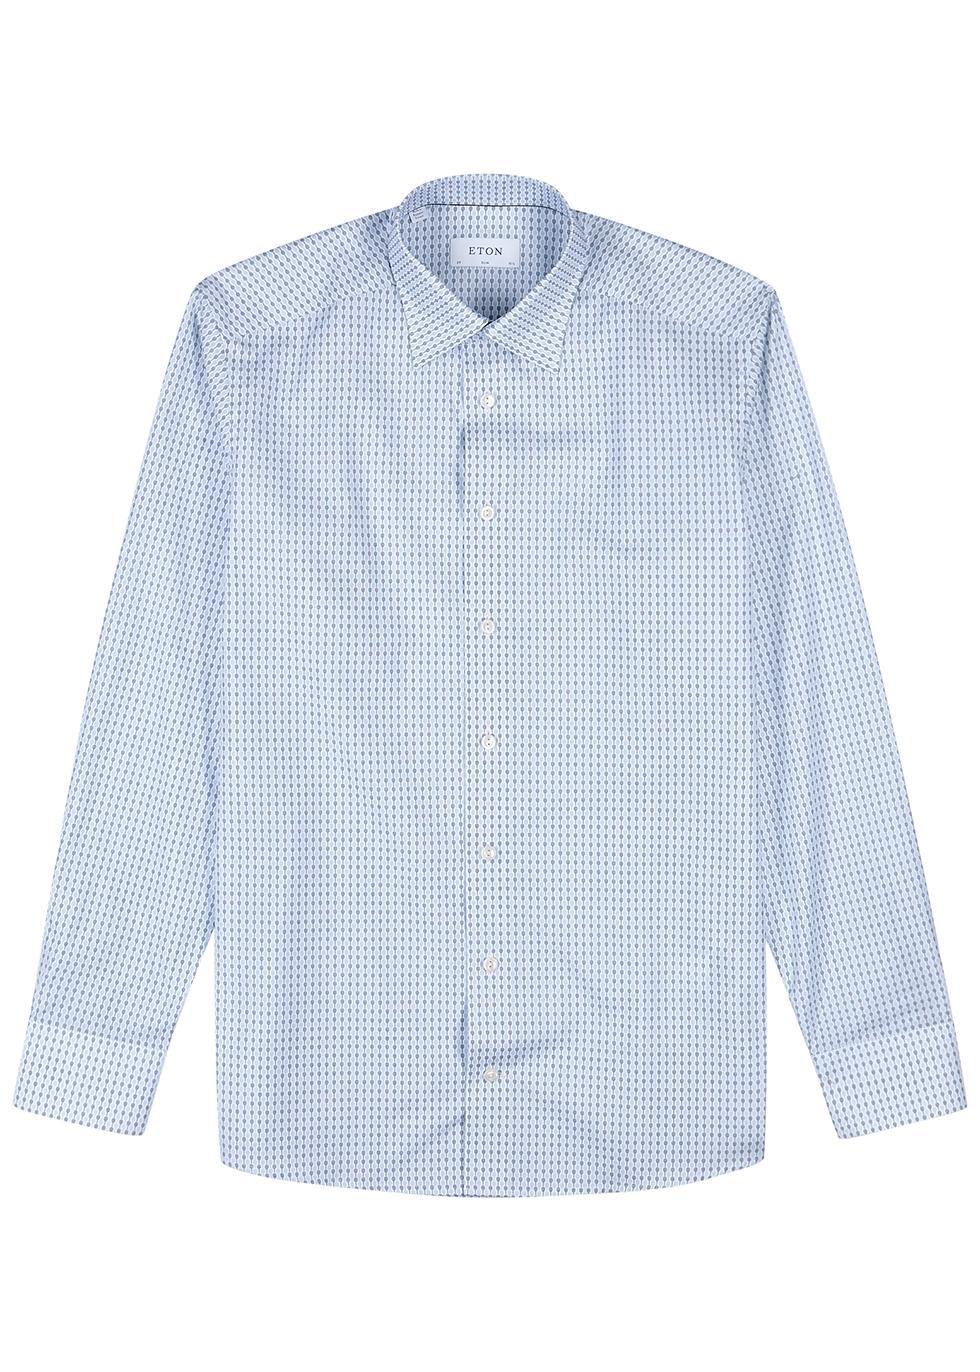 White and blue cotton shirt - Eton